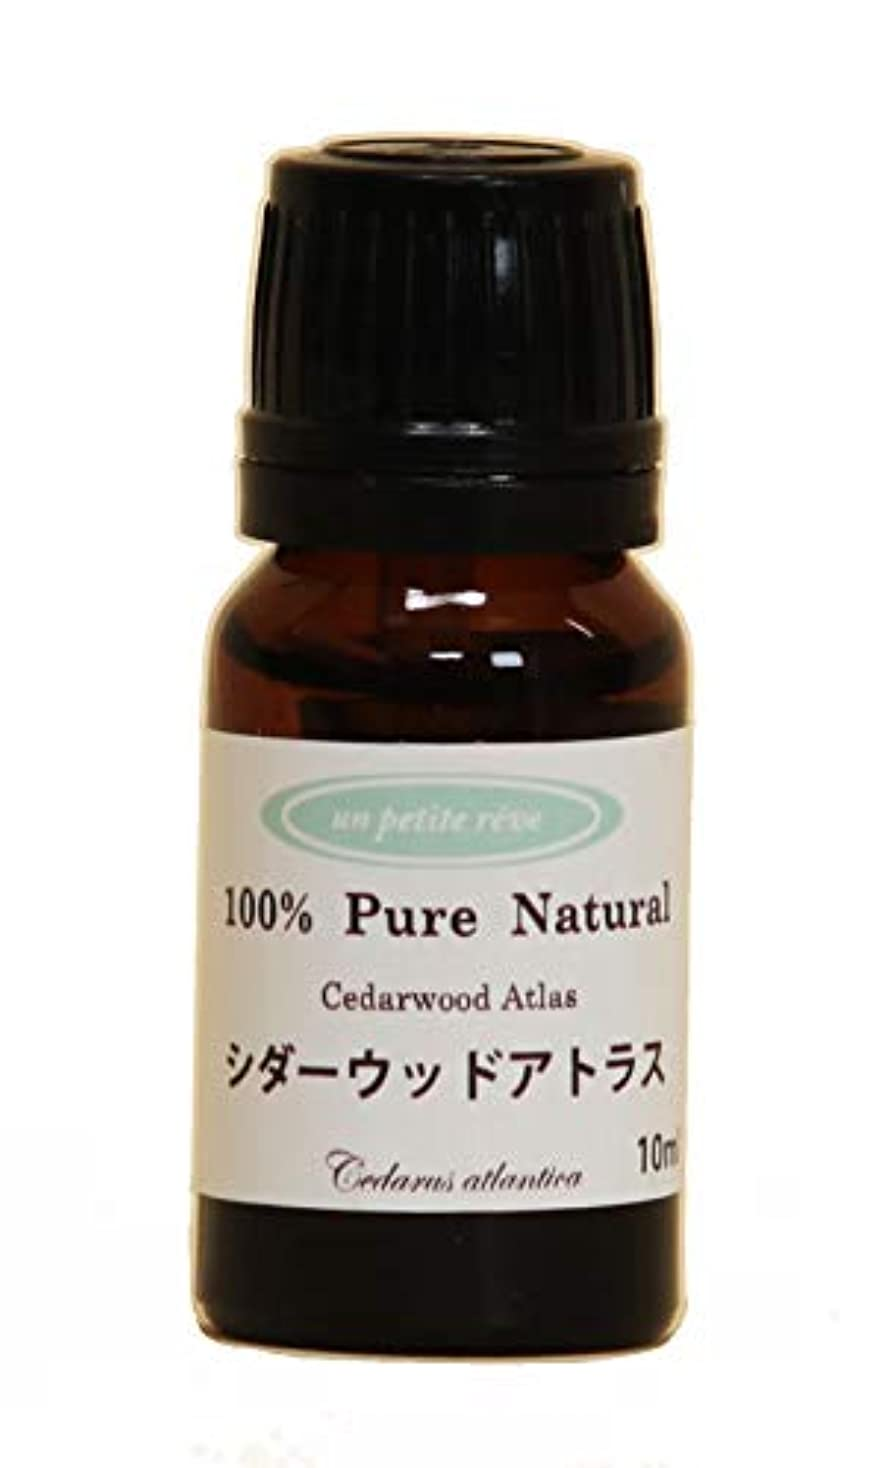 産地老人短くするシダーウッドアトラス 10ml 100%天然アロマエッセンシャルオイル(精油)